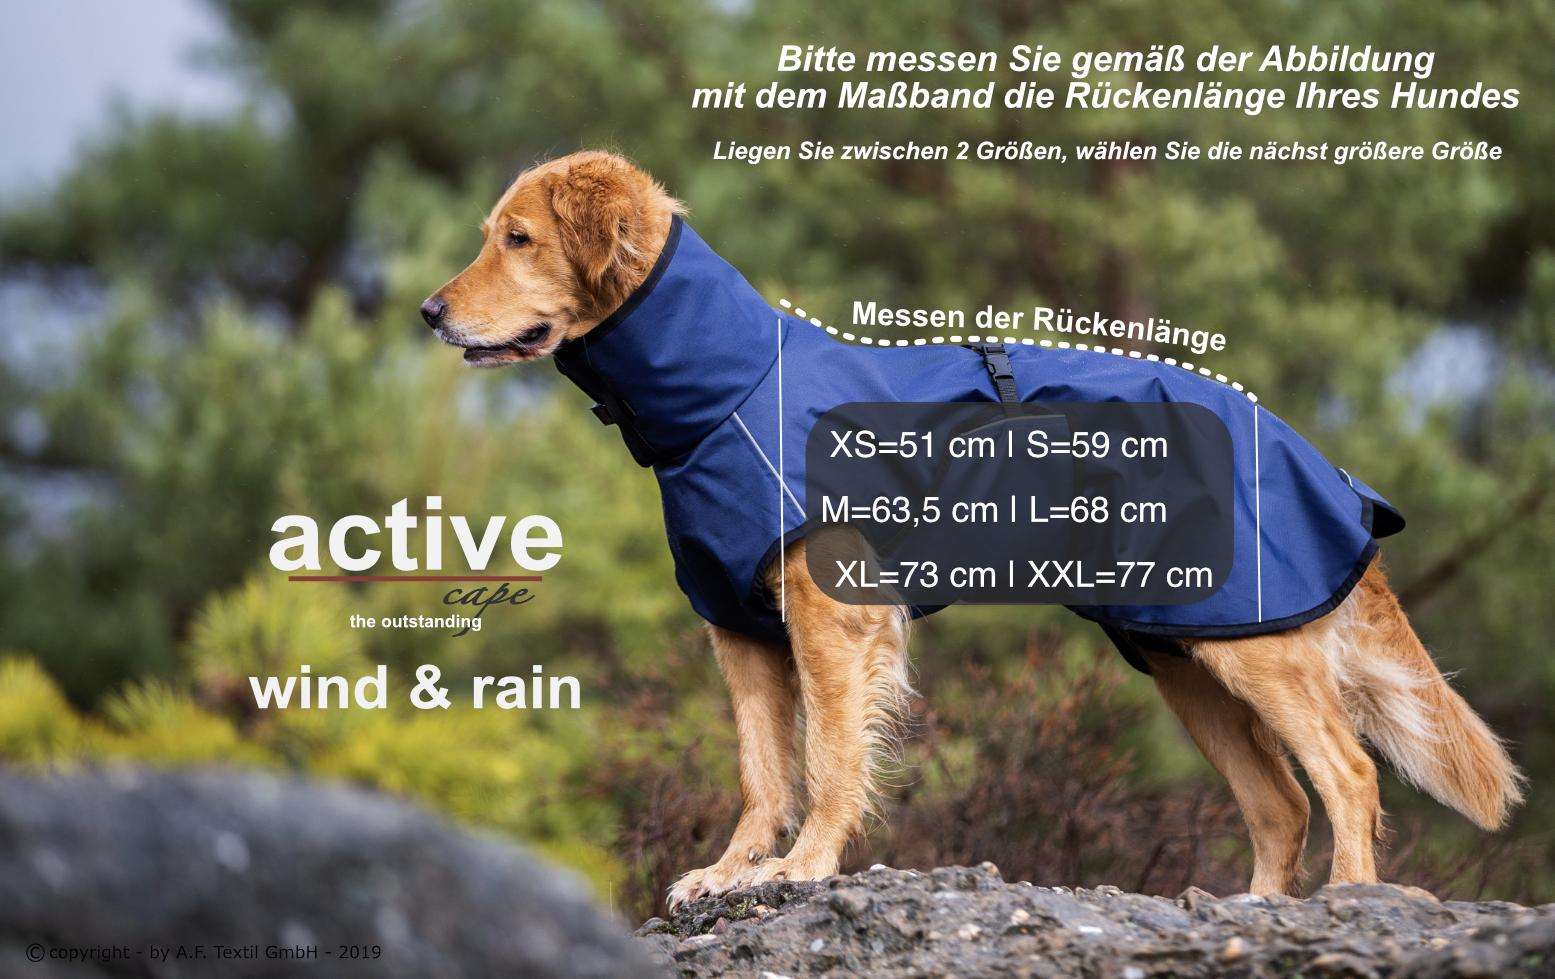 wind-rain-grossenfindung-deutsch